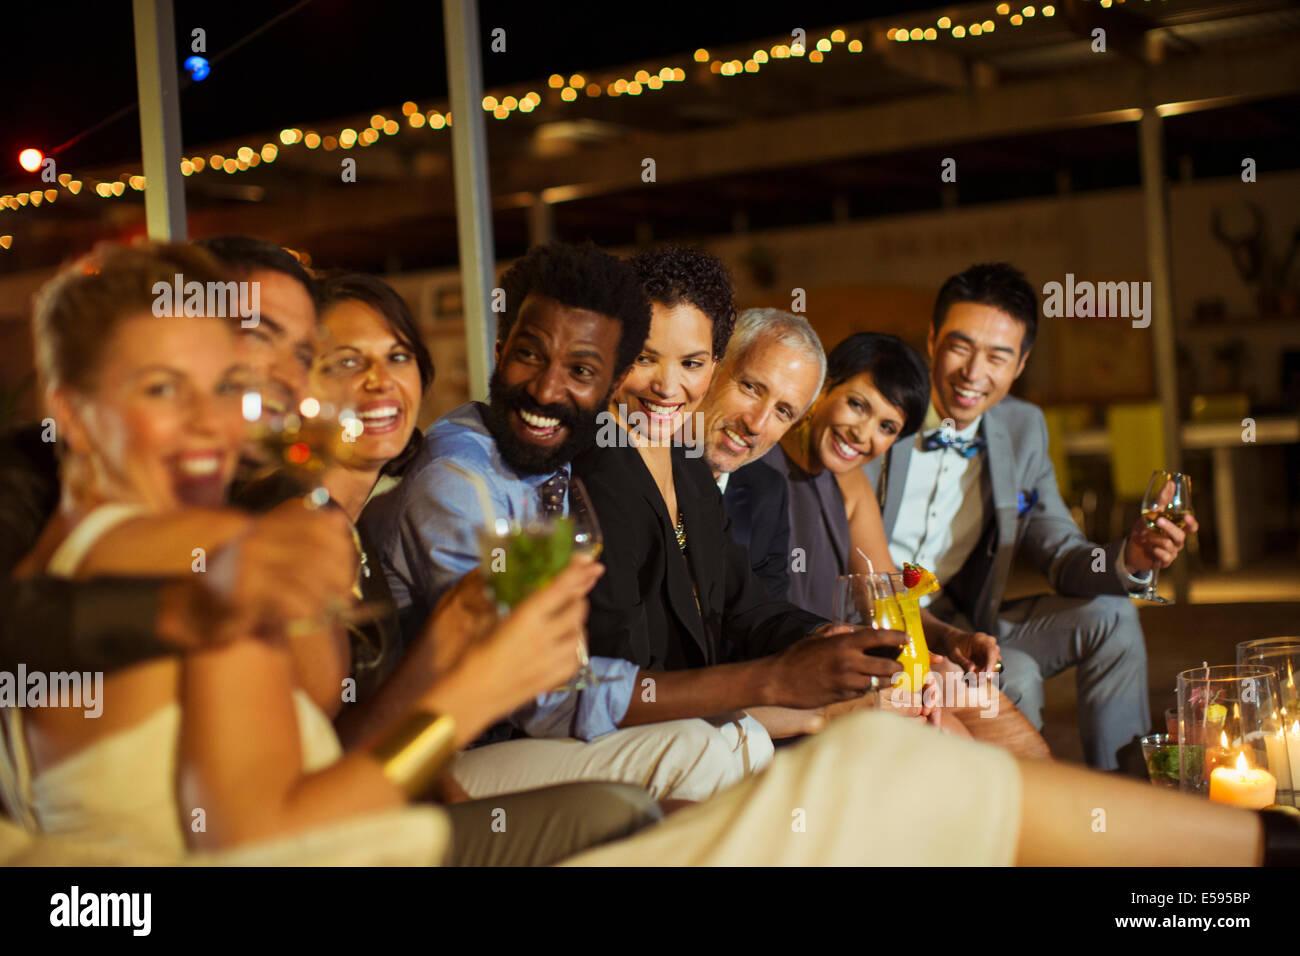 Amigos sonriendo junto a parte Foto de stock